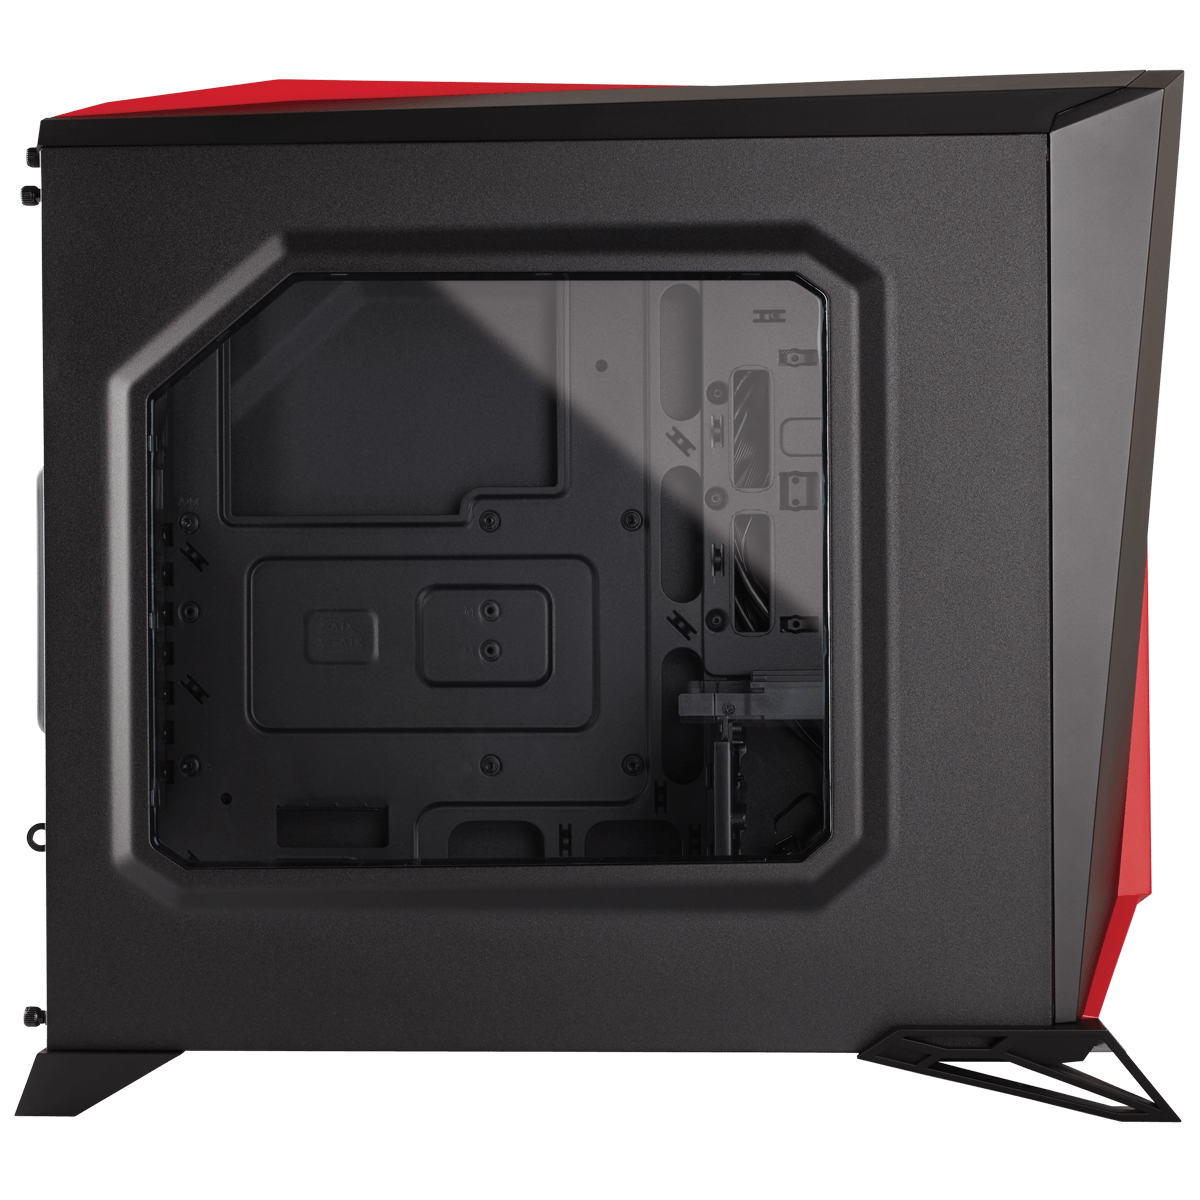 Gabinete Gamer Corsair Carbide Spec Alpha, Mid Tower, Com 3 Fans, Lateral em Acrílico, Black-Red, Sem Fonte, CC-9011085-WW